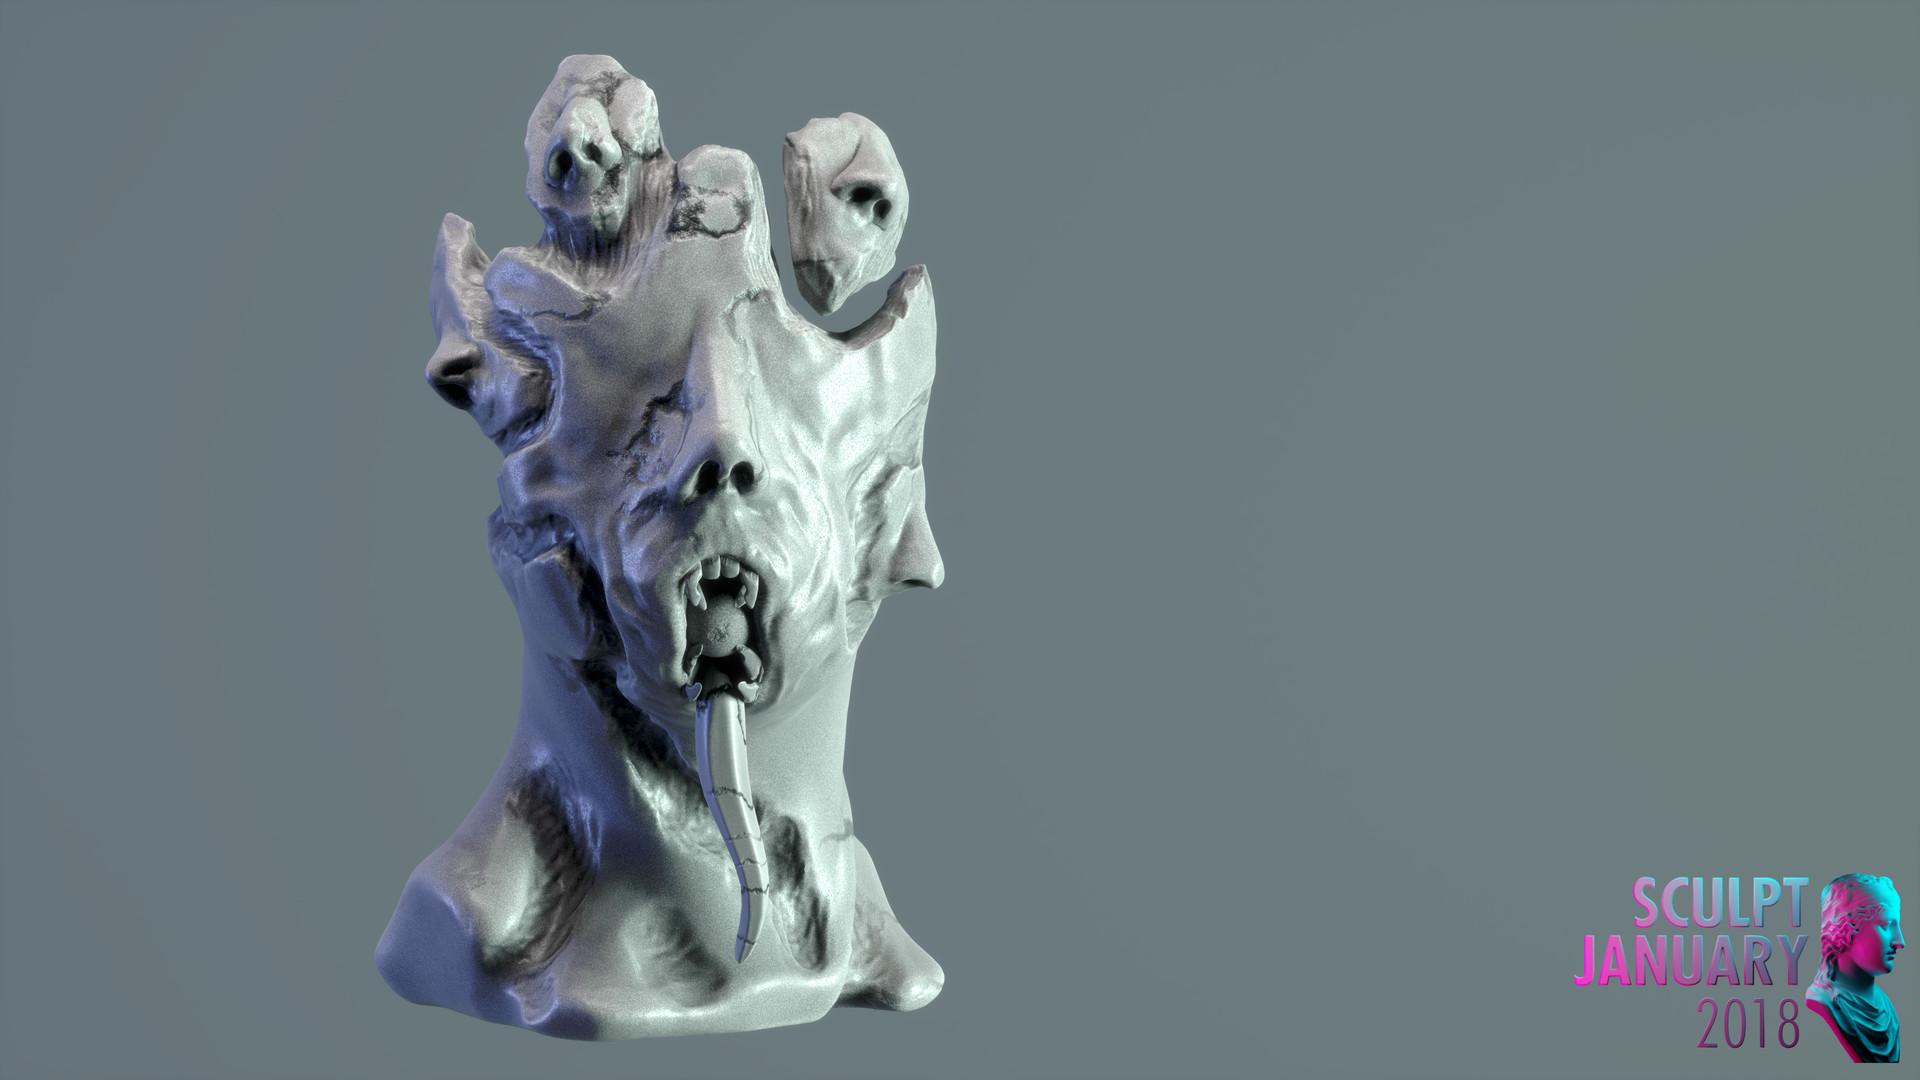 Curtis holt cjh sculptjanuary2018 1